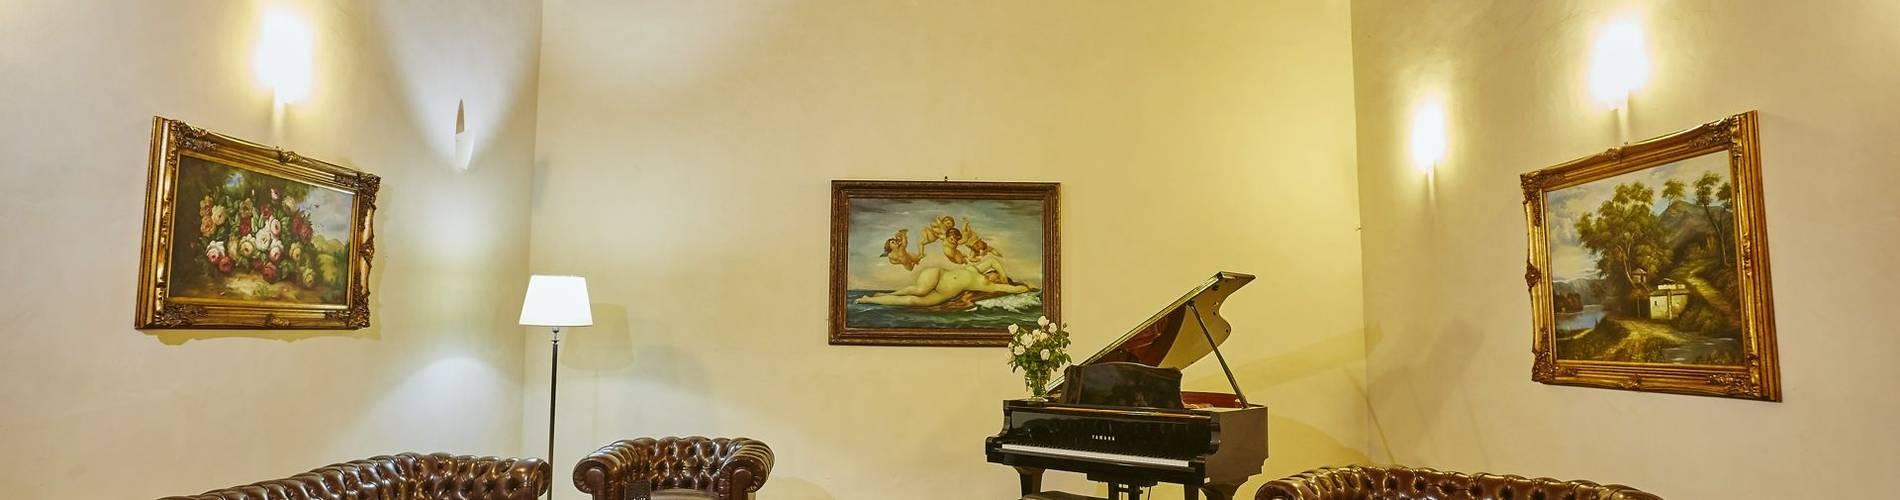 Baglio Donna Franca, Sicily, Italy (10).JPG